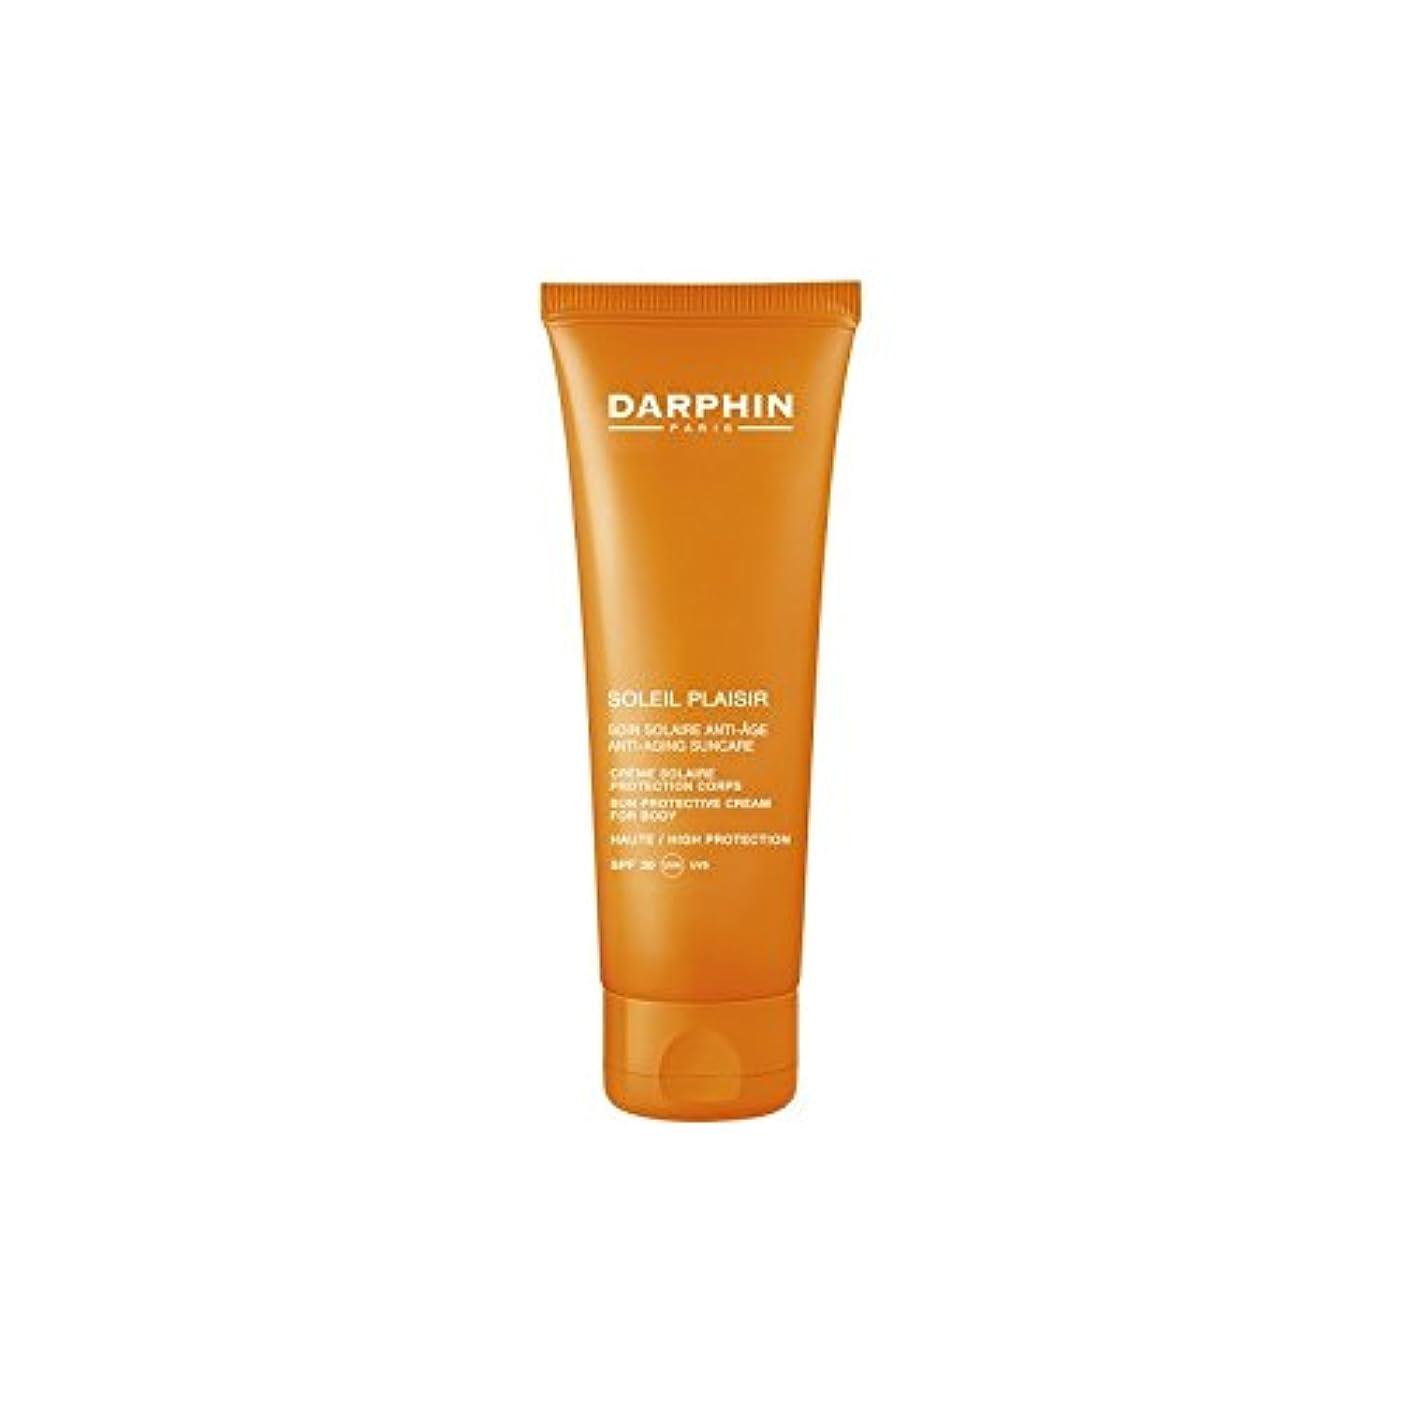 従来のキリン機密ダルファンソレイユプレジールボディクリーム x2 - Darphin Soleil Plaisir Body Cream (Pack of 2) [並行輸入品]